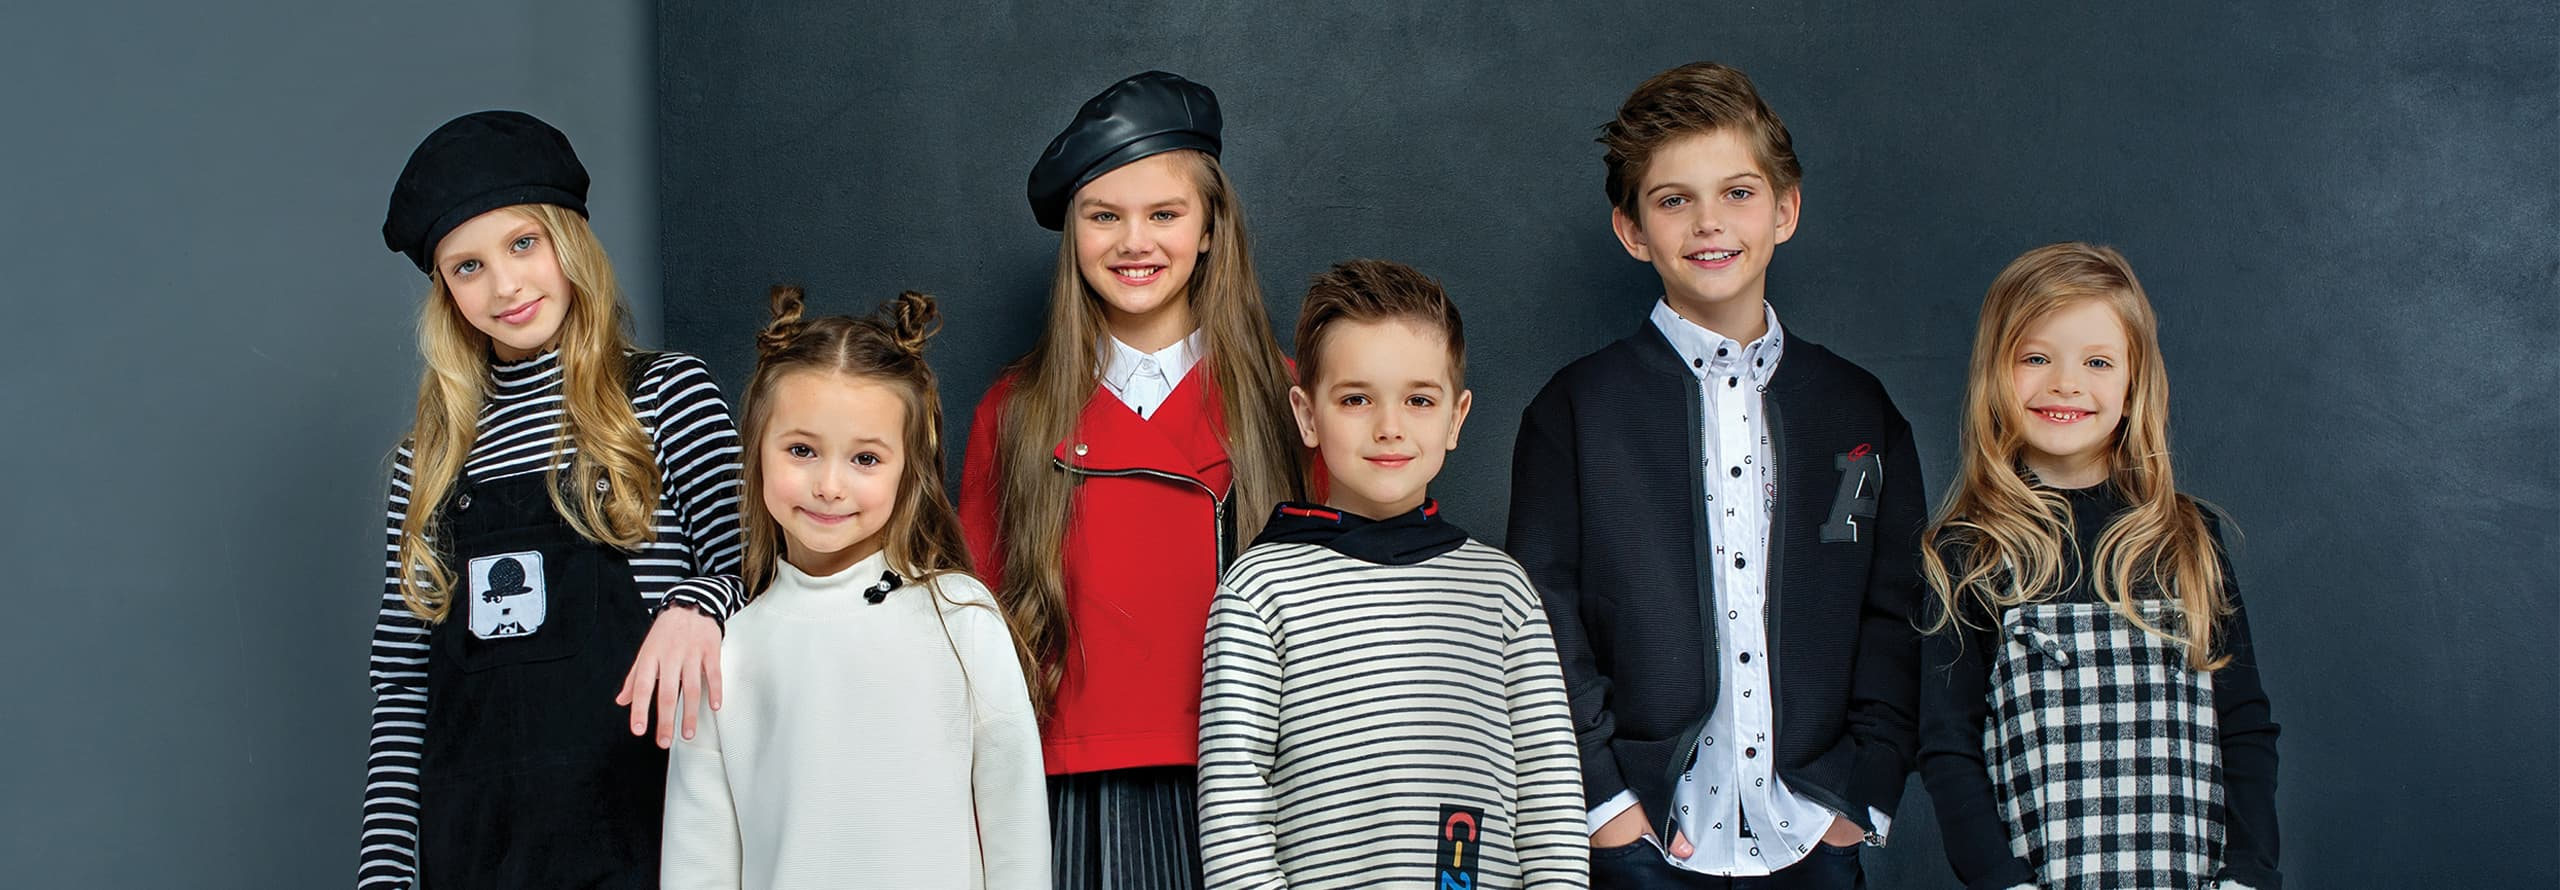 Модная лимитированная коллекция одежды для детей от бренда BellBimbo